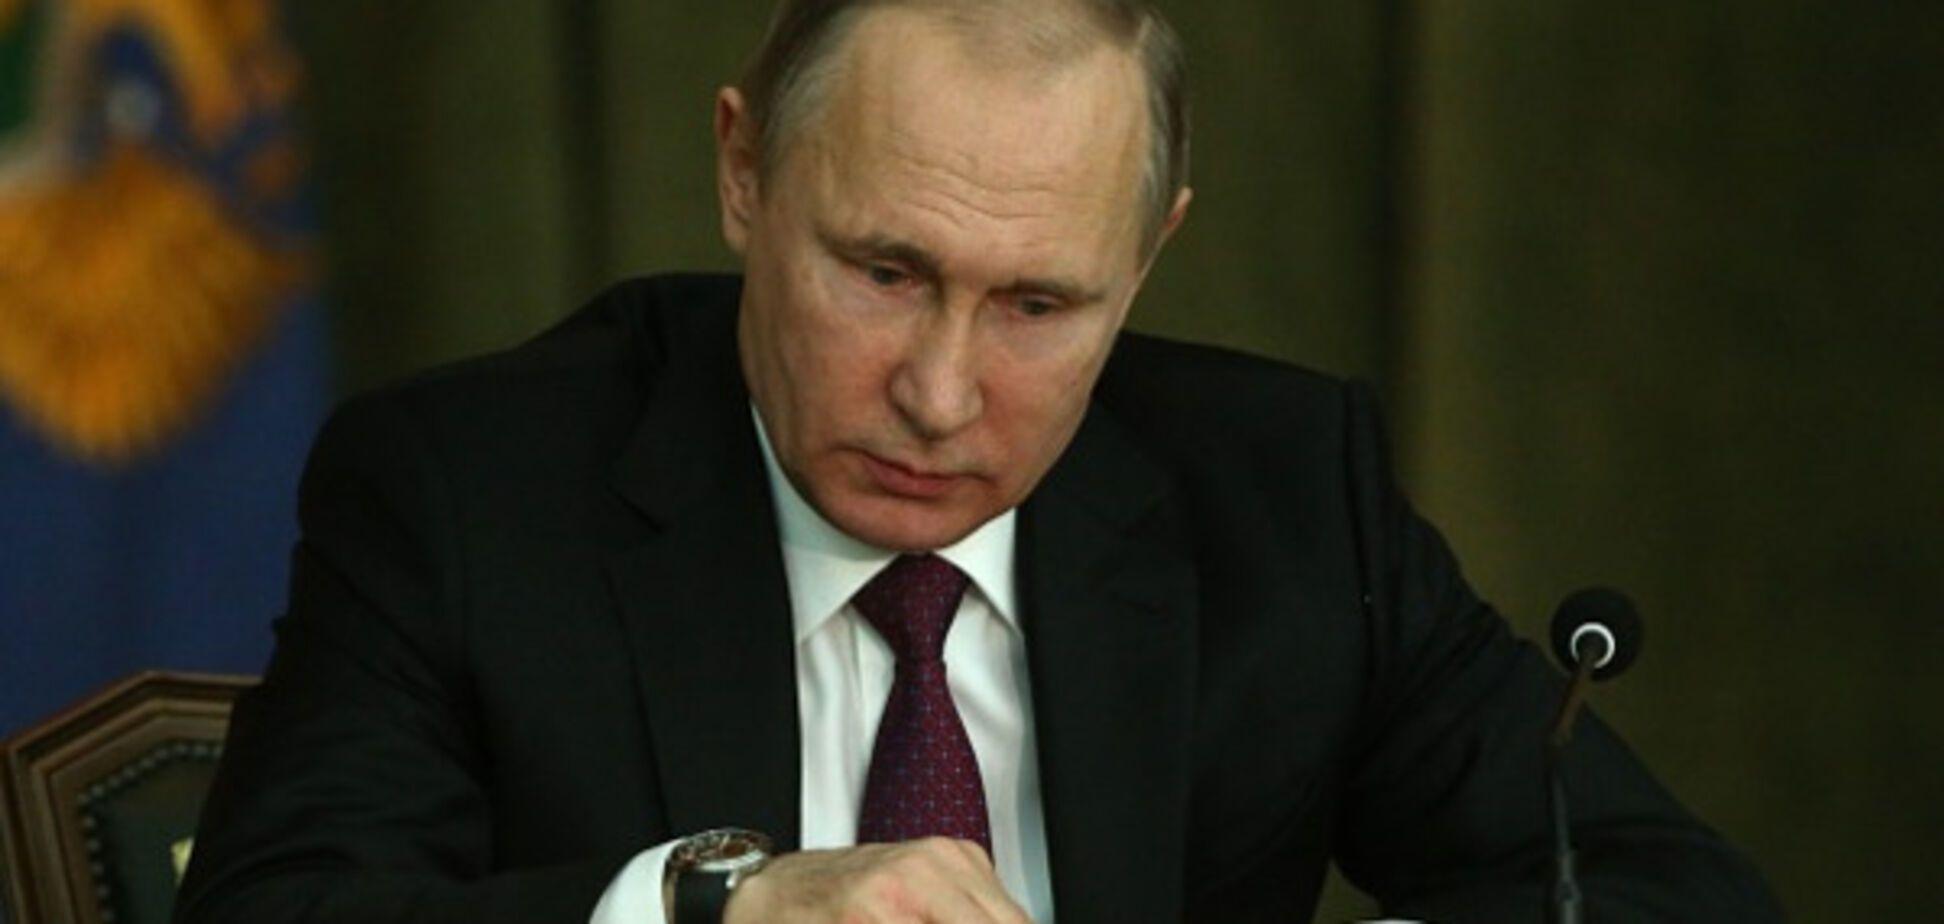 Фото Путіна з бандитами і вбивцями викликало ажіотаж у соцмережі